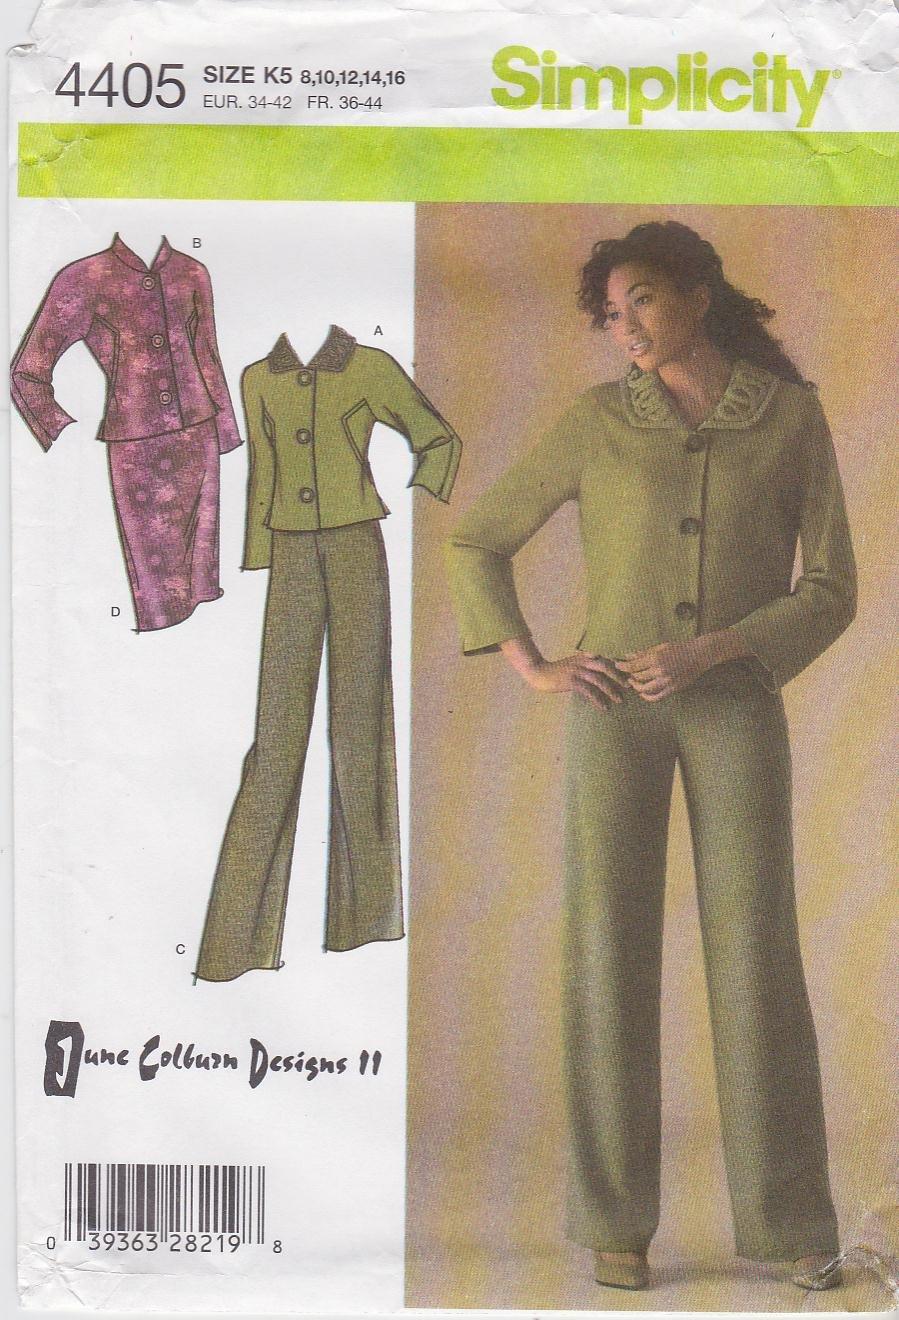 Simplicity Sewing Pattern 4405 Misses Size 8-16 Jacket Skirt Pants Suit Pantsuit June Colburn